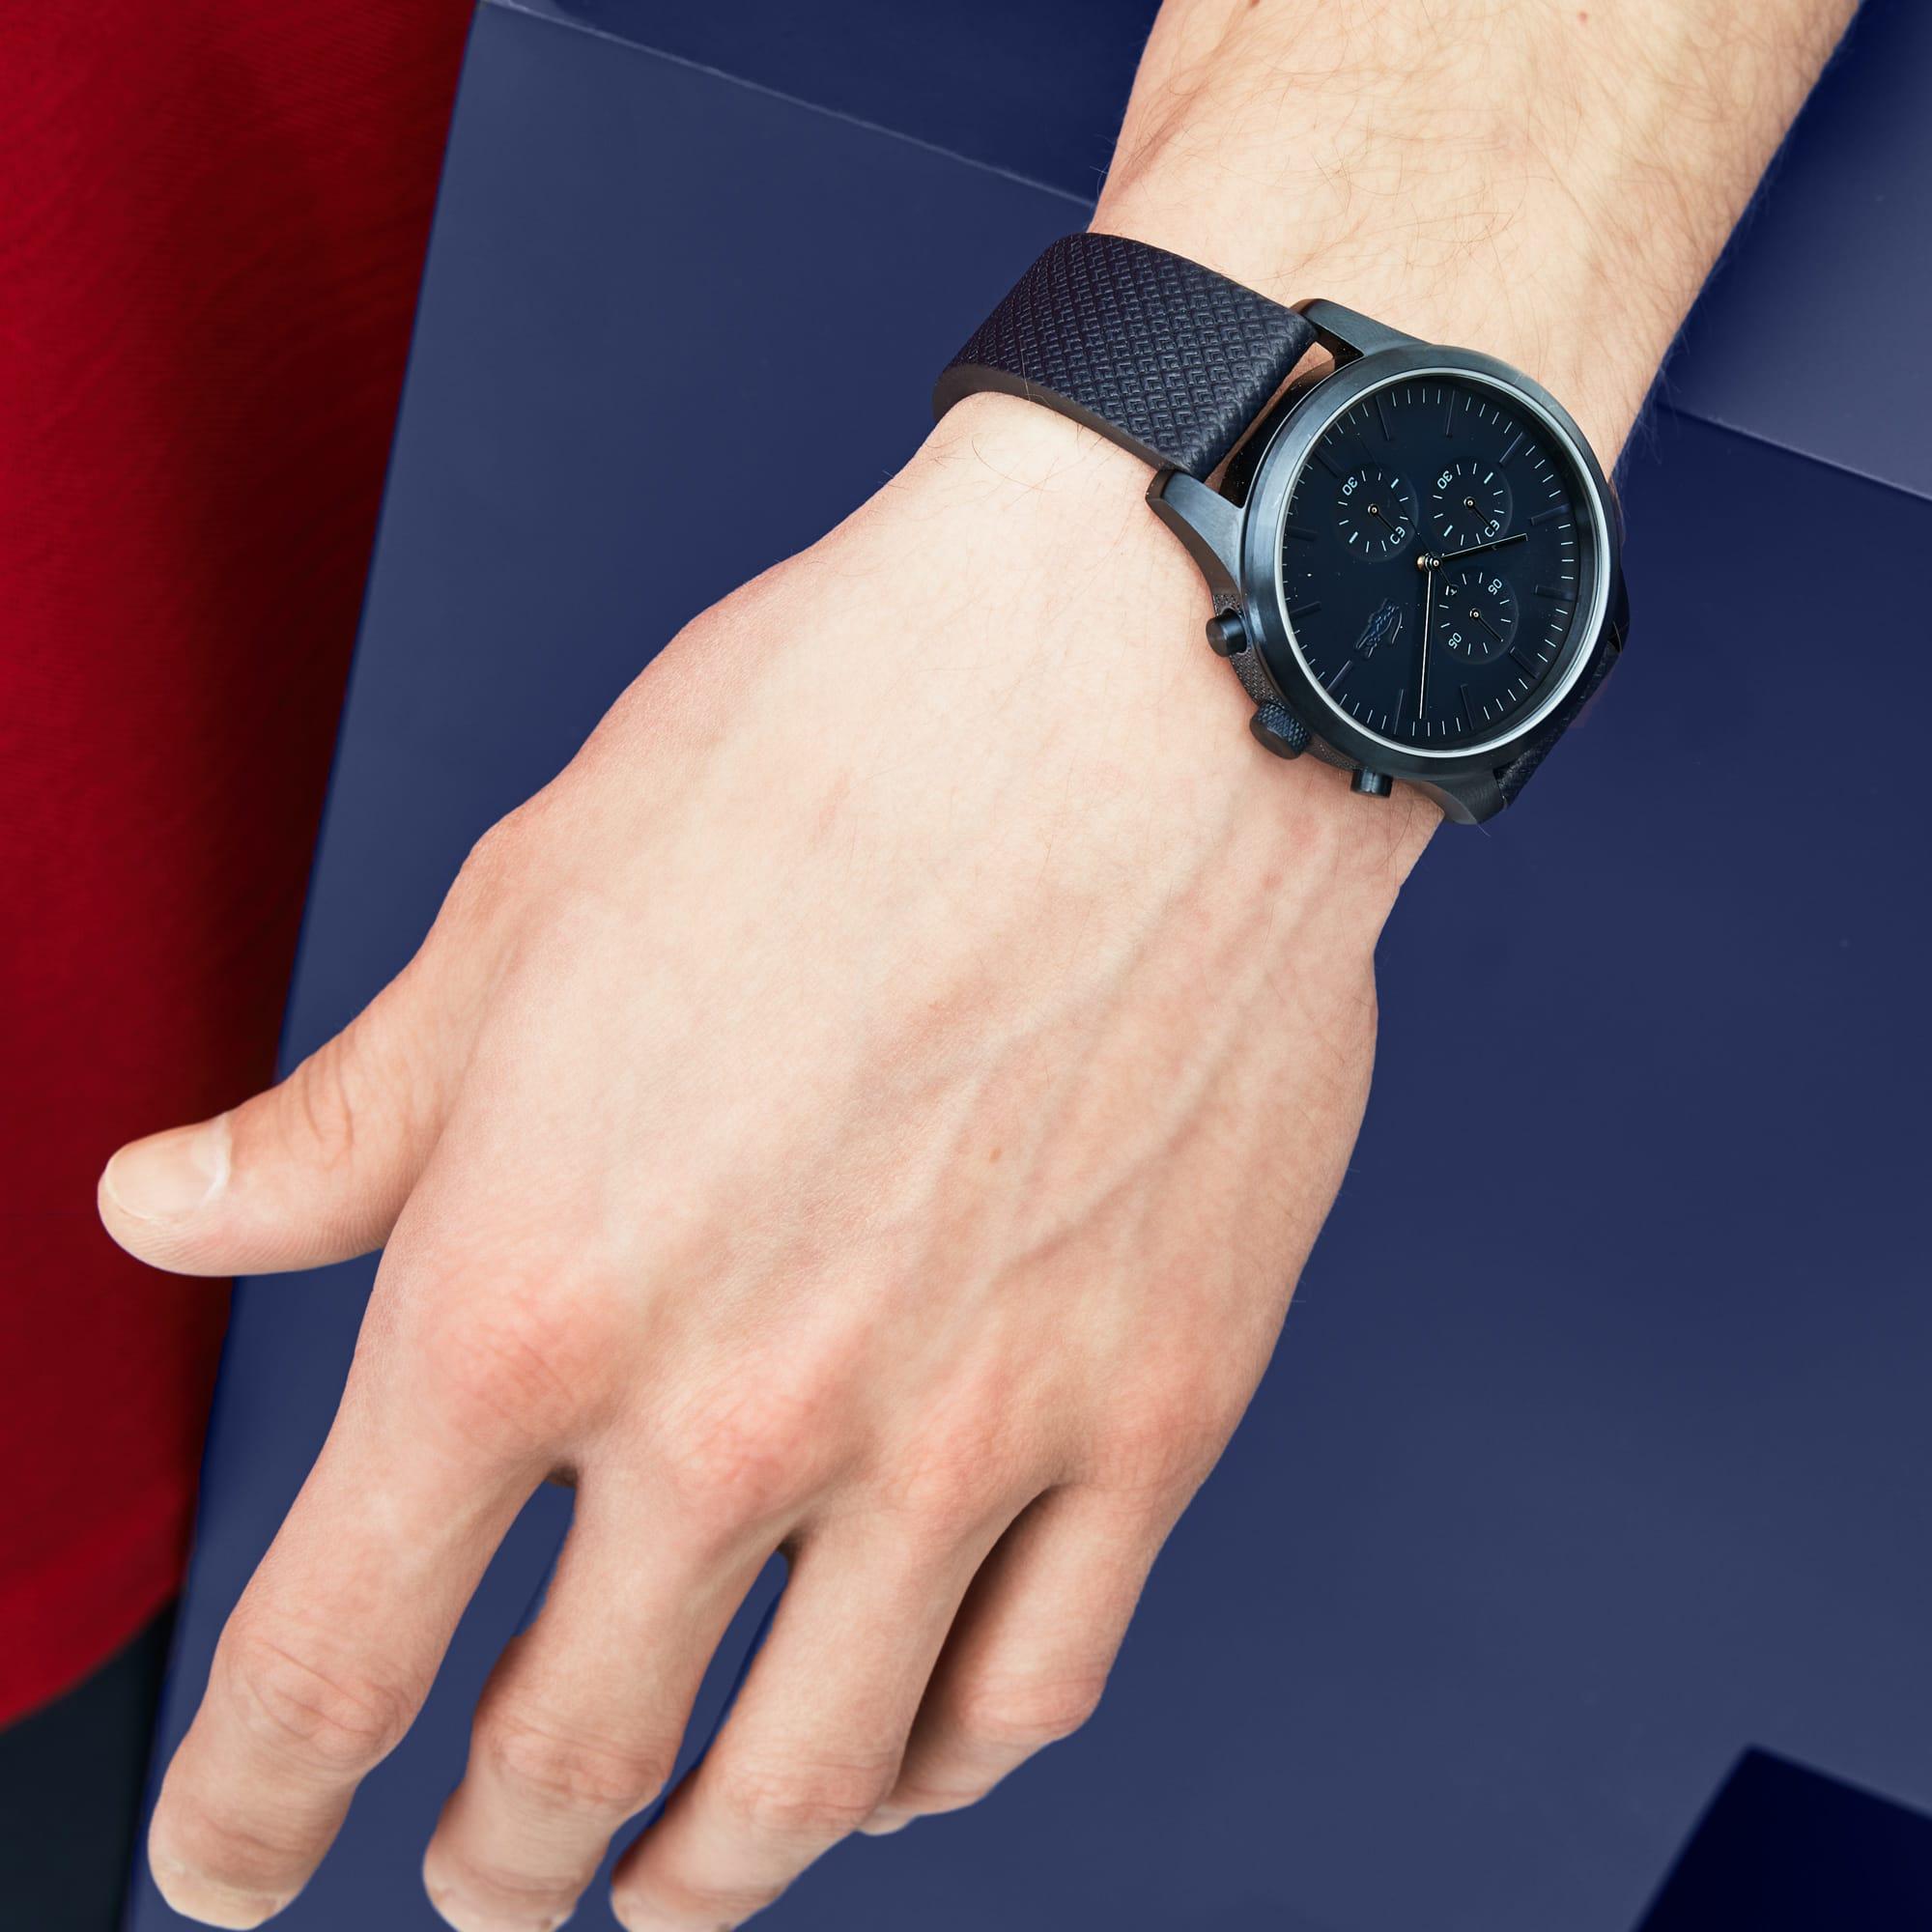 Montre Chrono Lacoste12.12 Homme 85e Anniversaire avec Bracelet Bleu en Cuir Embossé